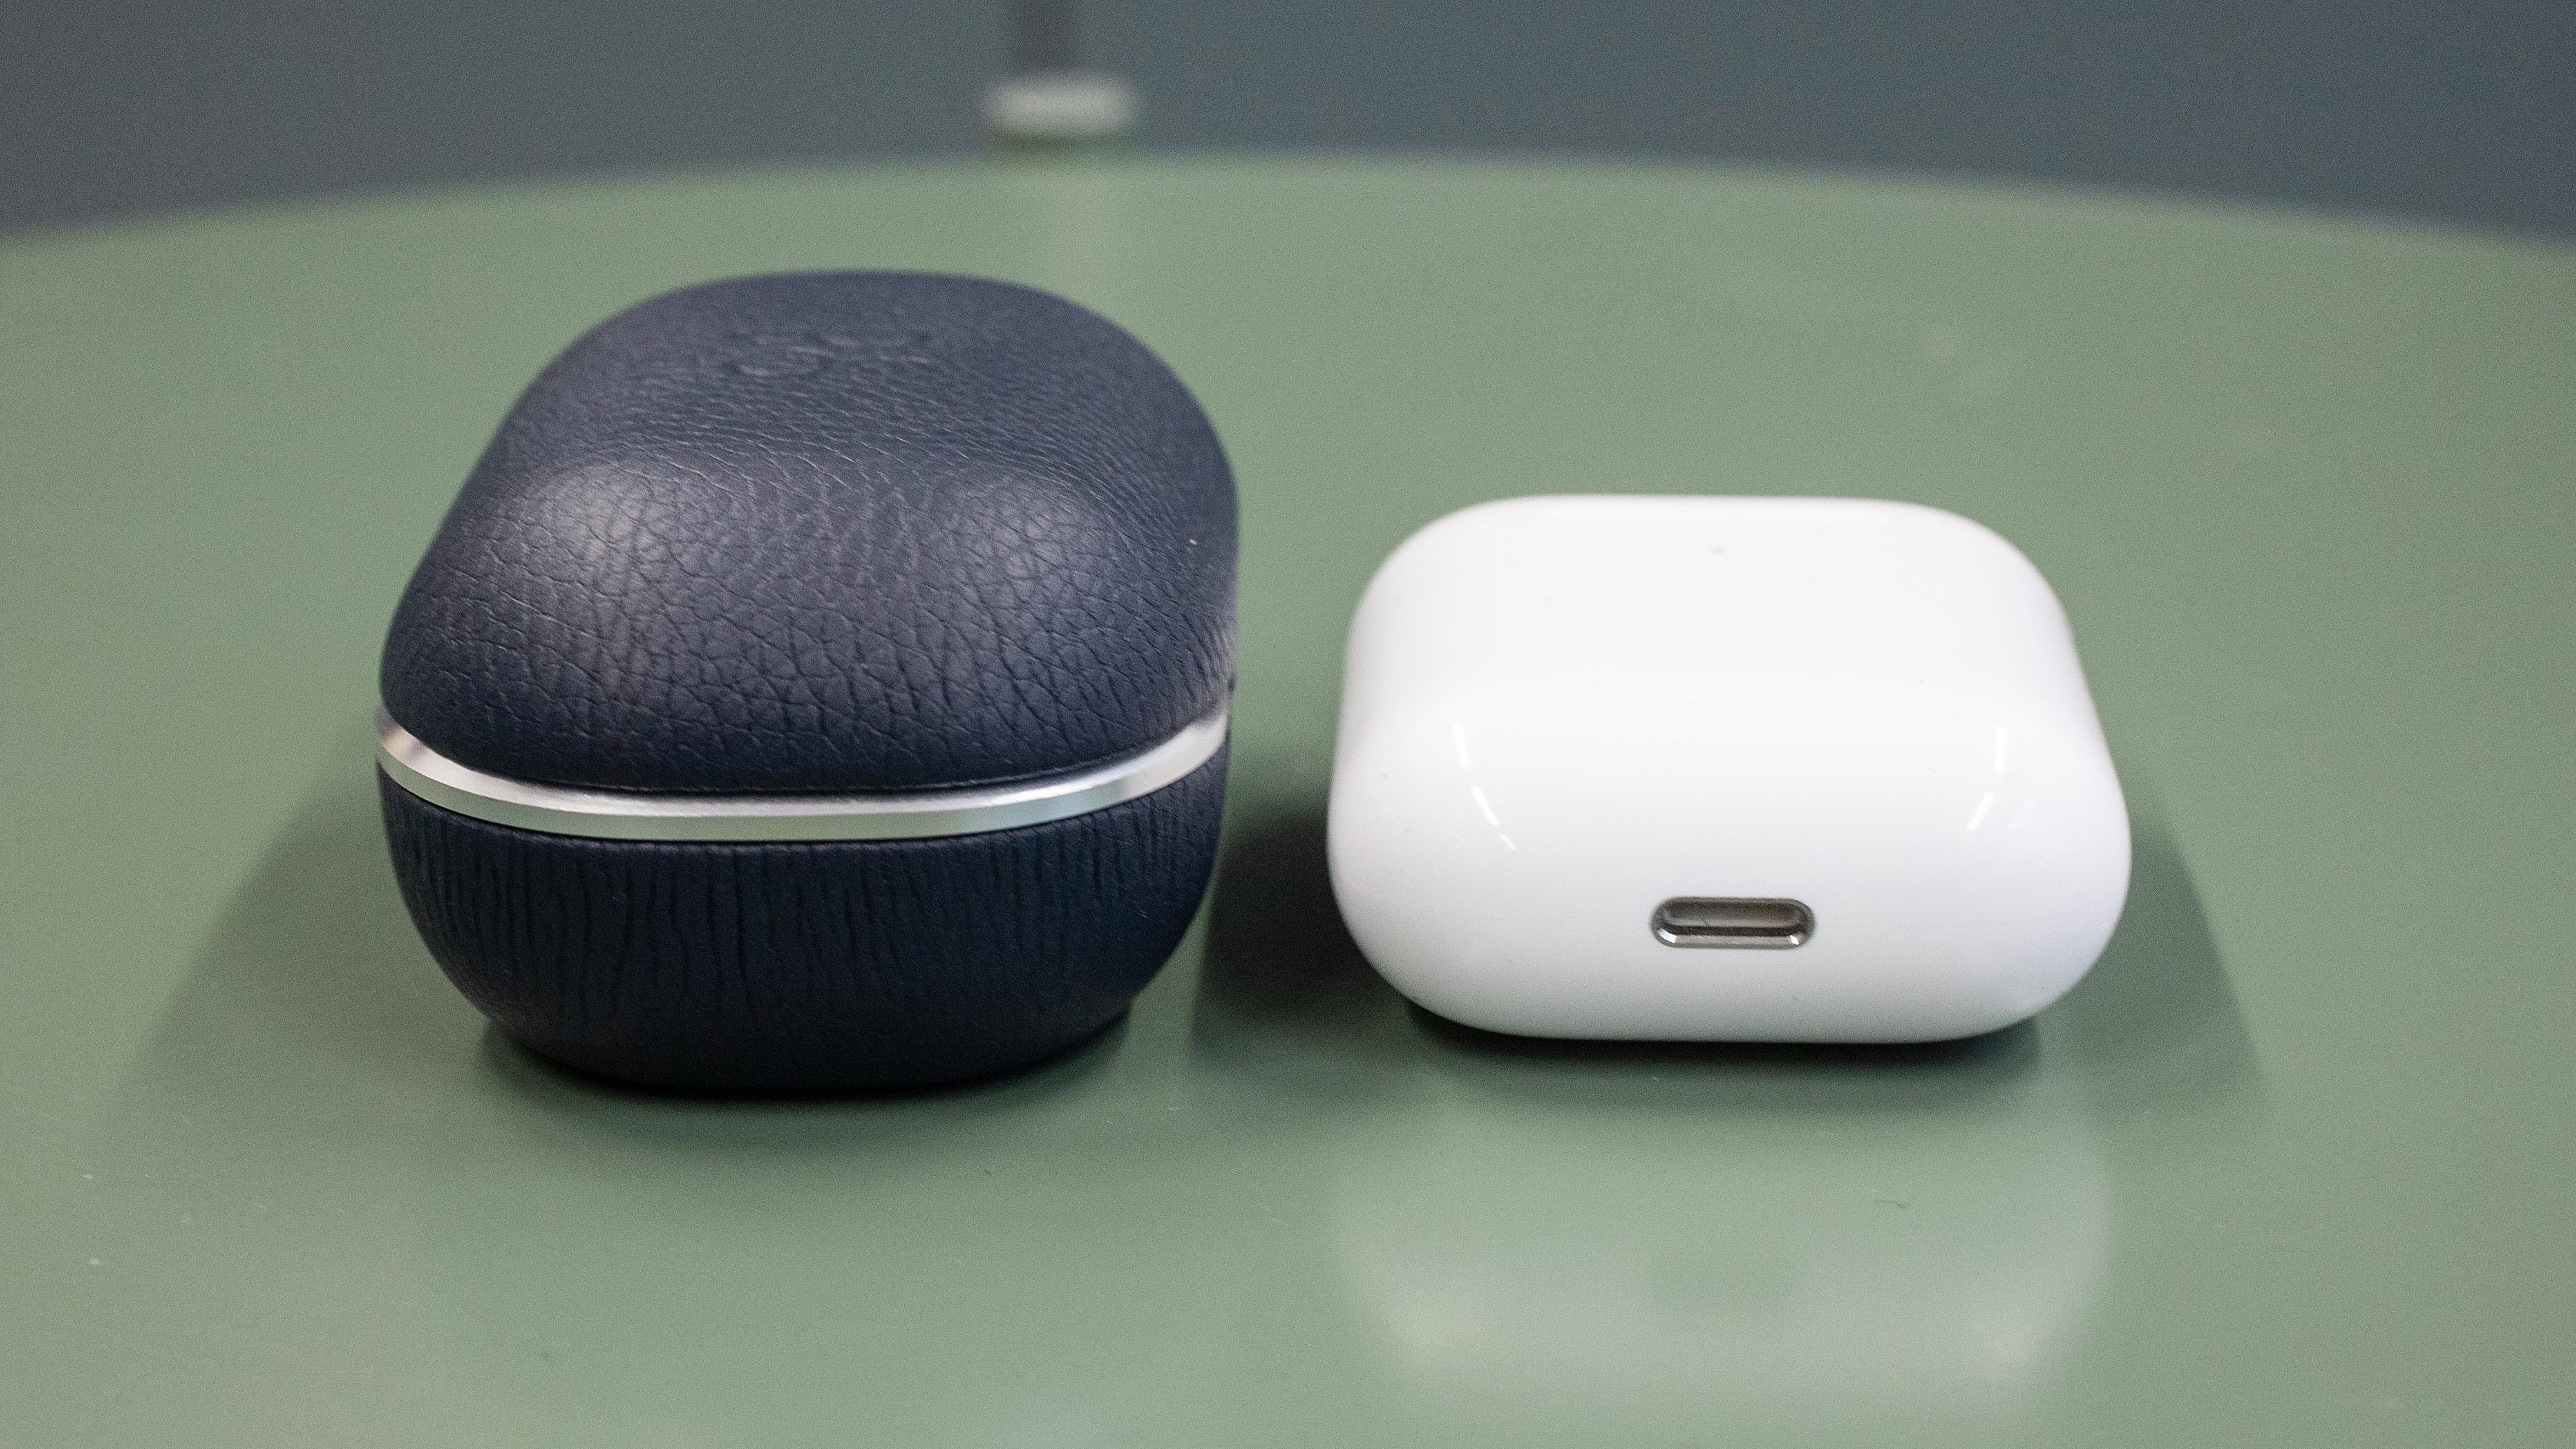 Det nye E8-etuiet er betraktelig større enn Apples Airpods-etui.